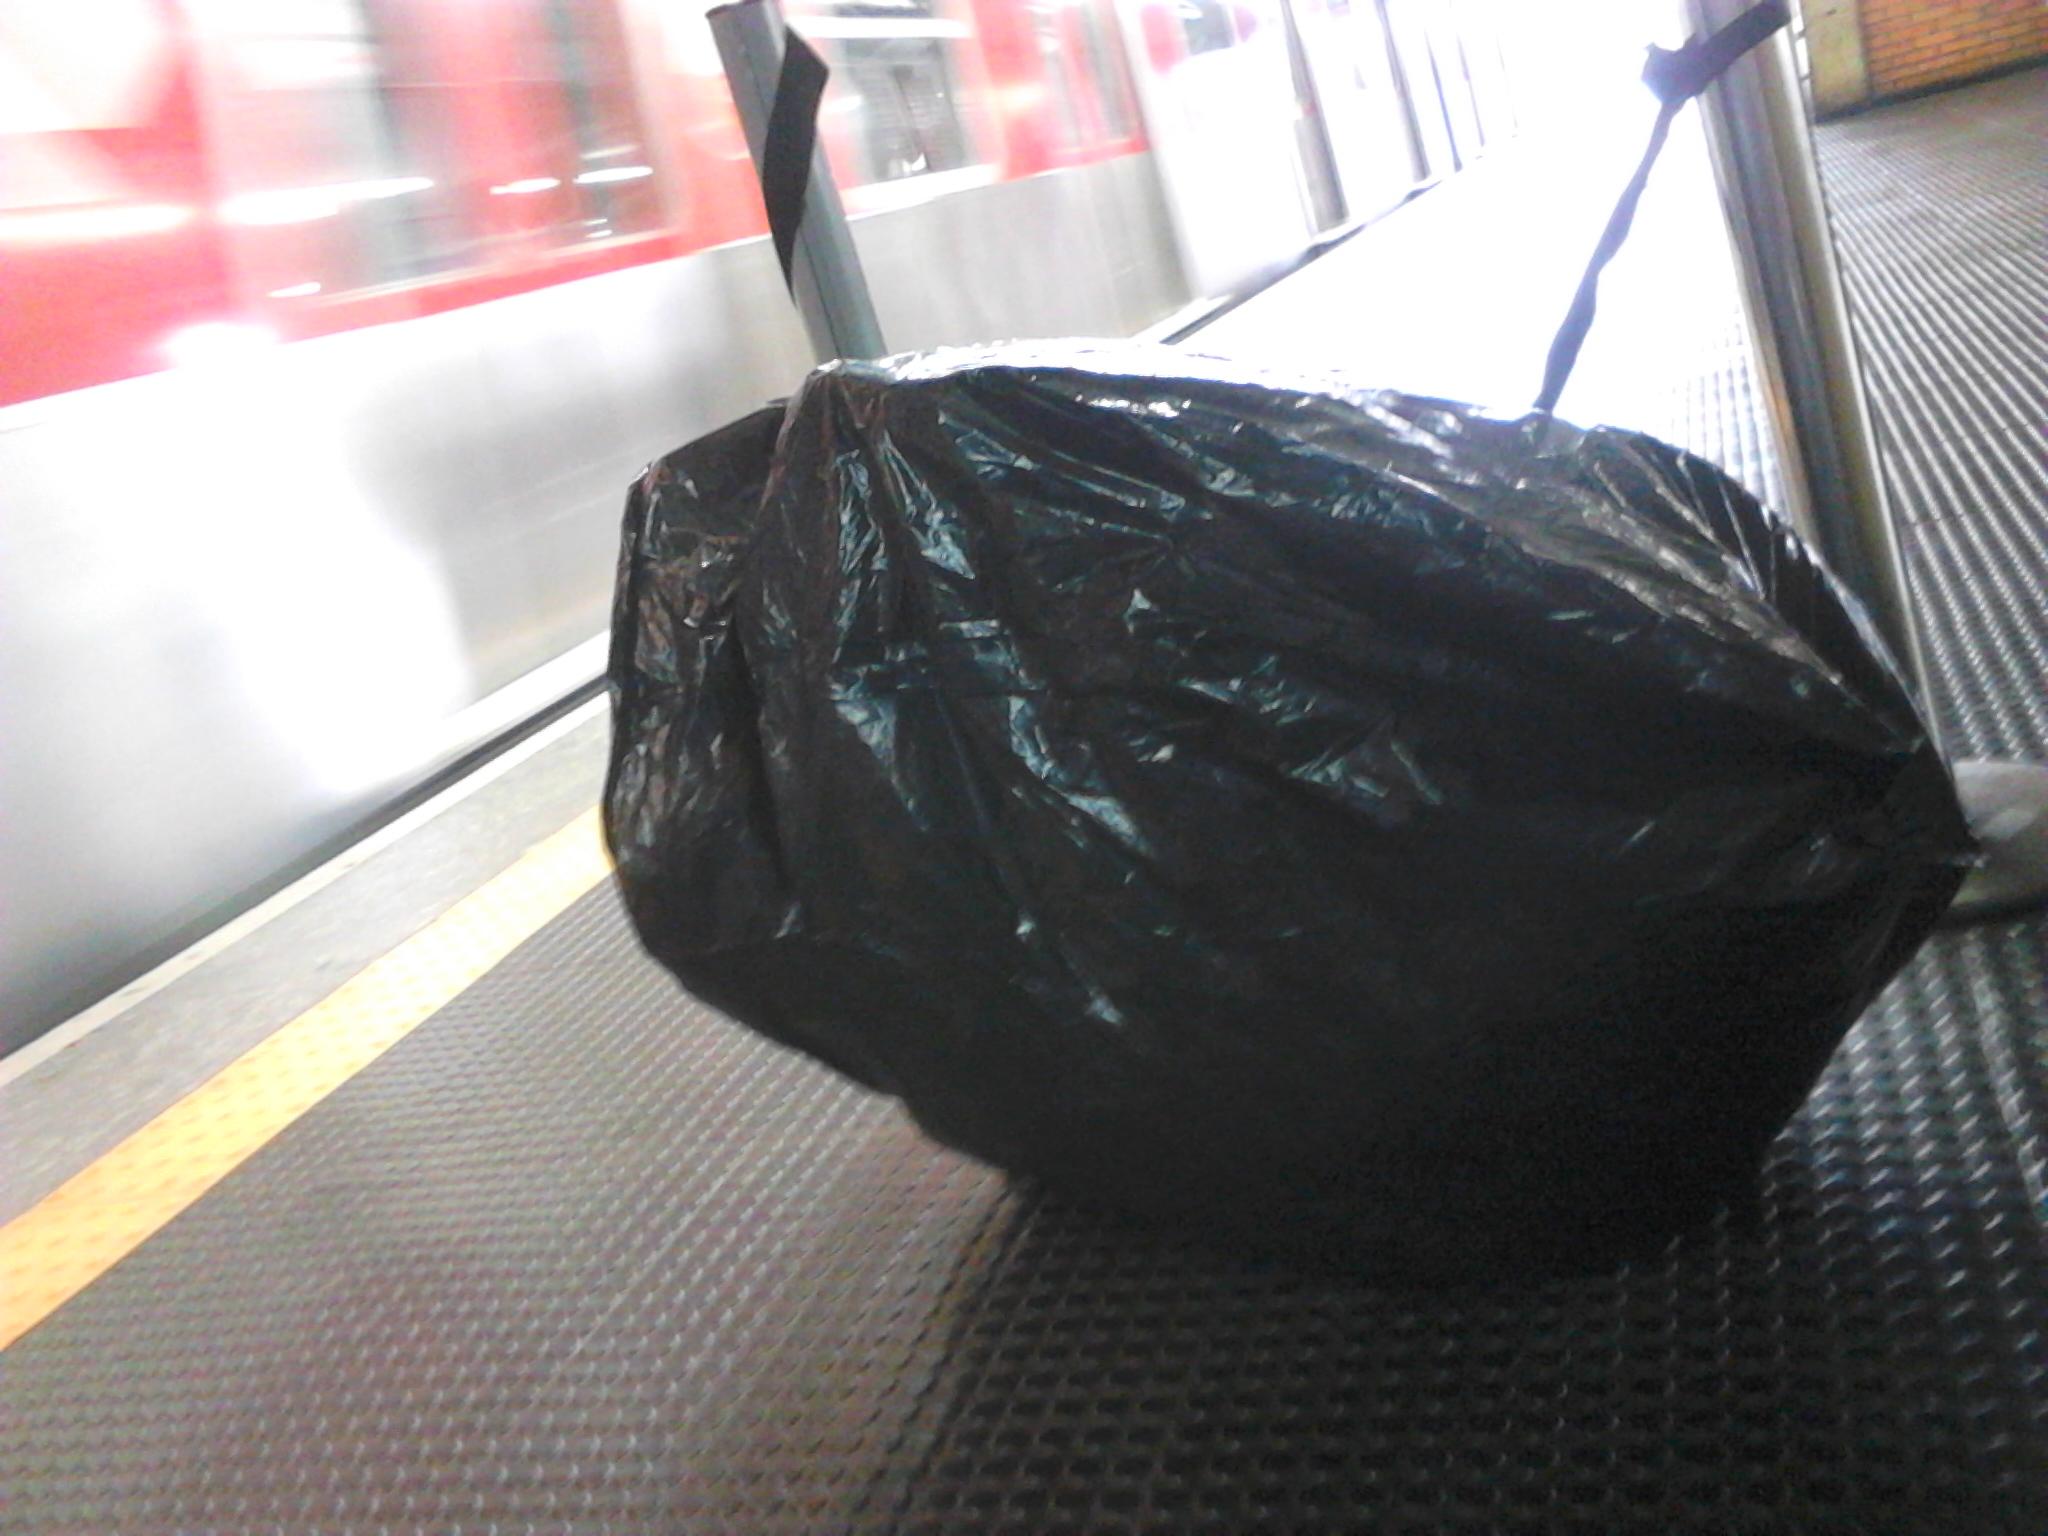 A dobrável no saco, esperando o trem parar.